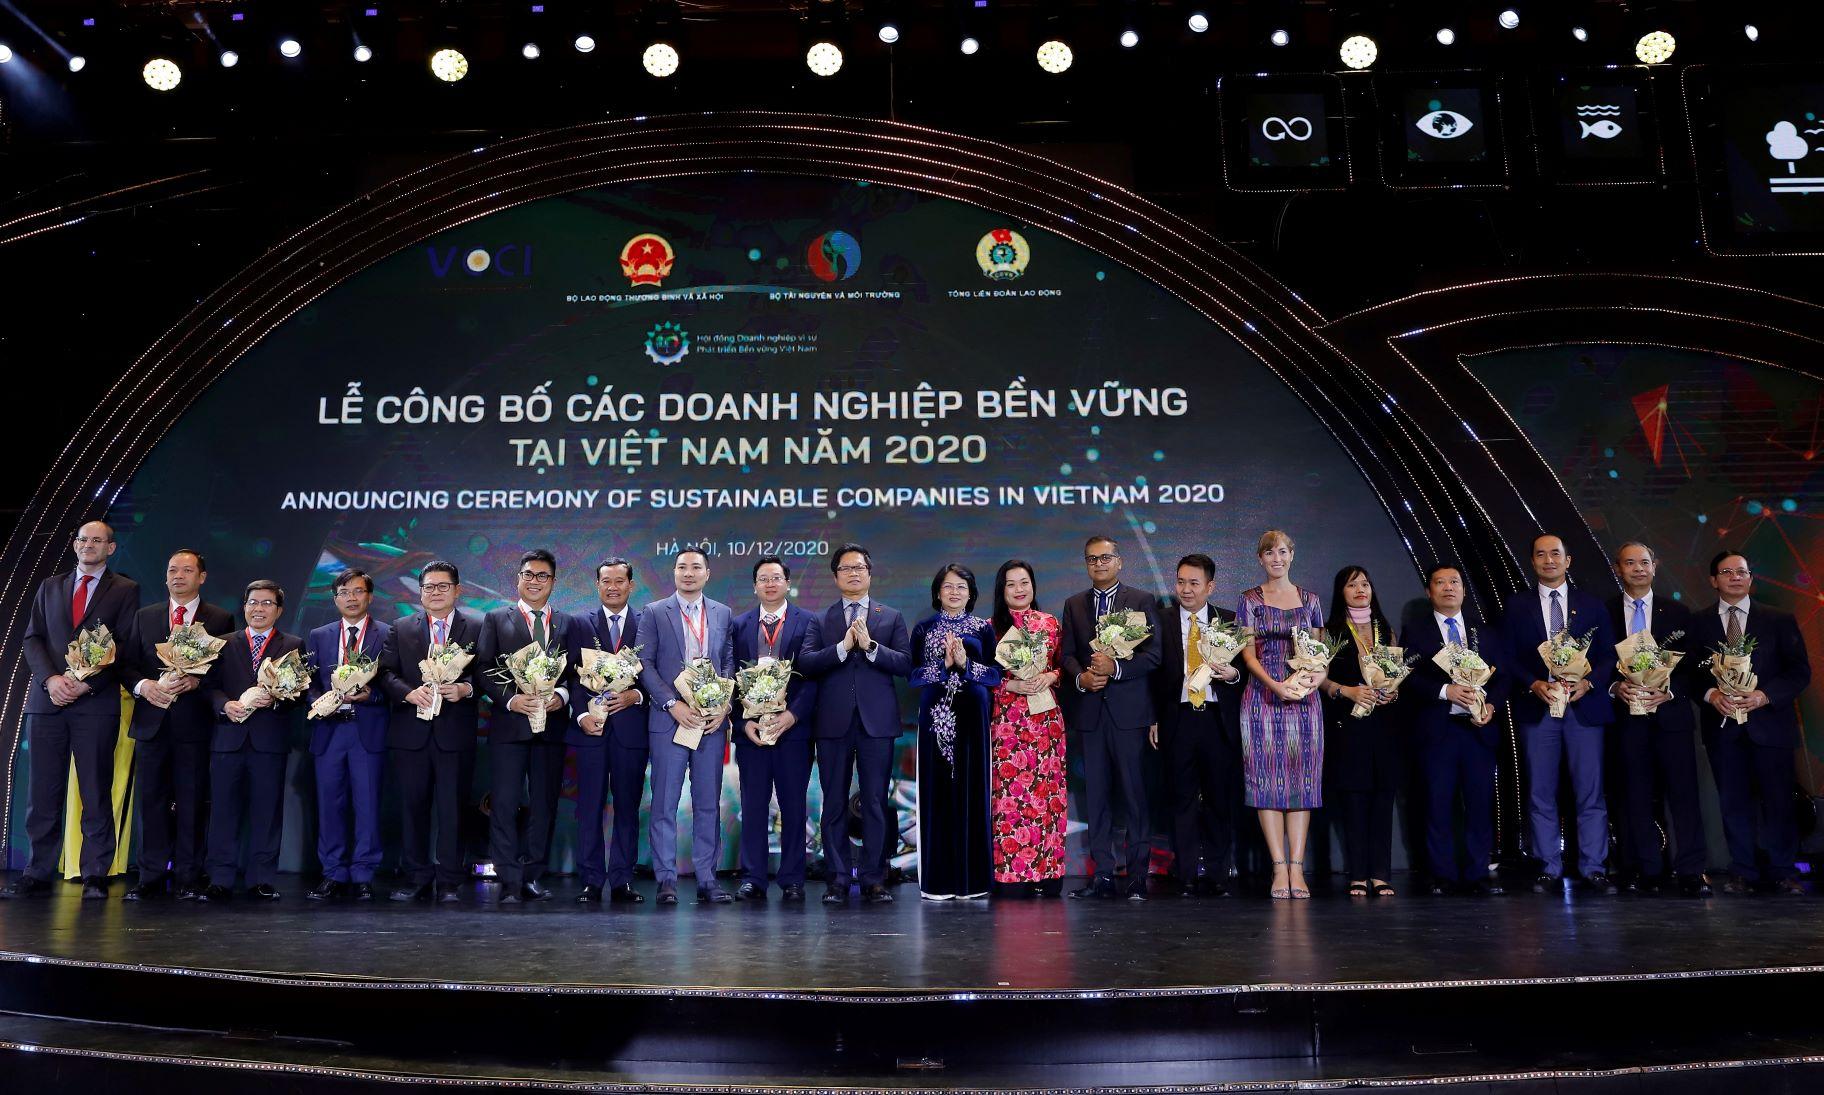 Phó Chủ tịch nước Đặng Thị Ngọc Thịnh trao hoa chúc mừng cho Top các Doanh nghiệp bền vững của Việt Nam năm 2020